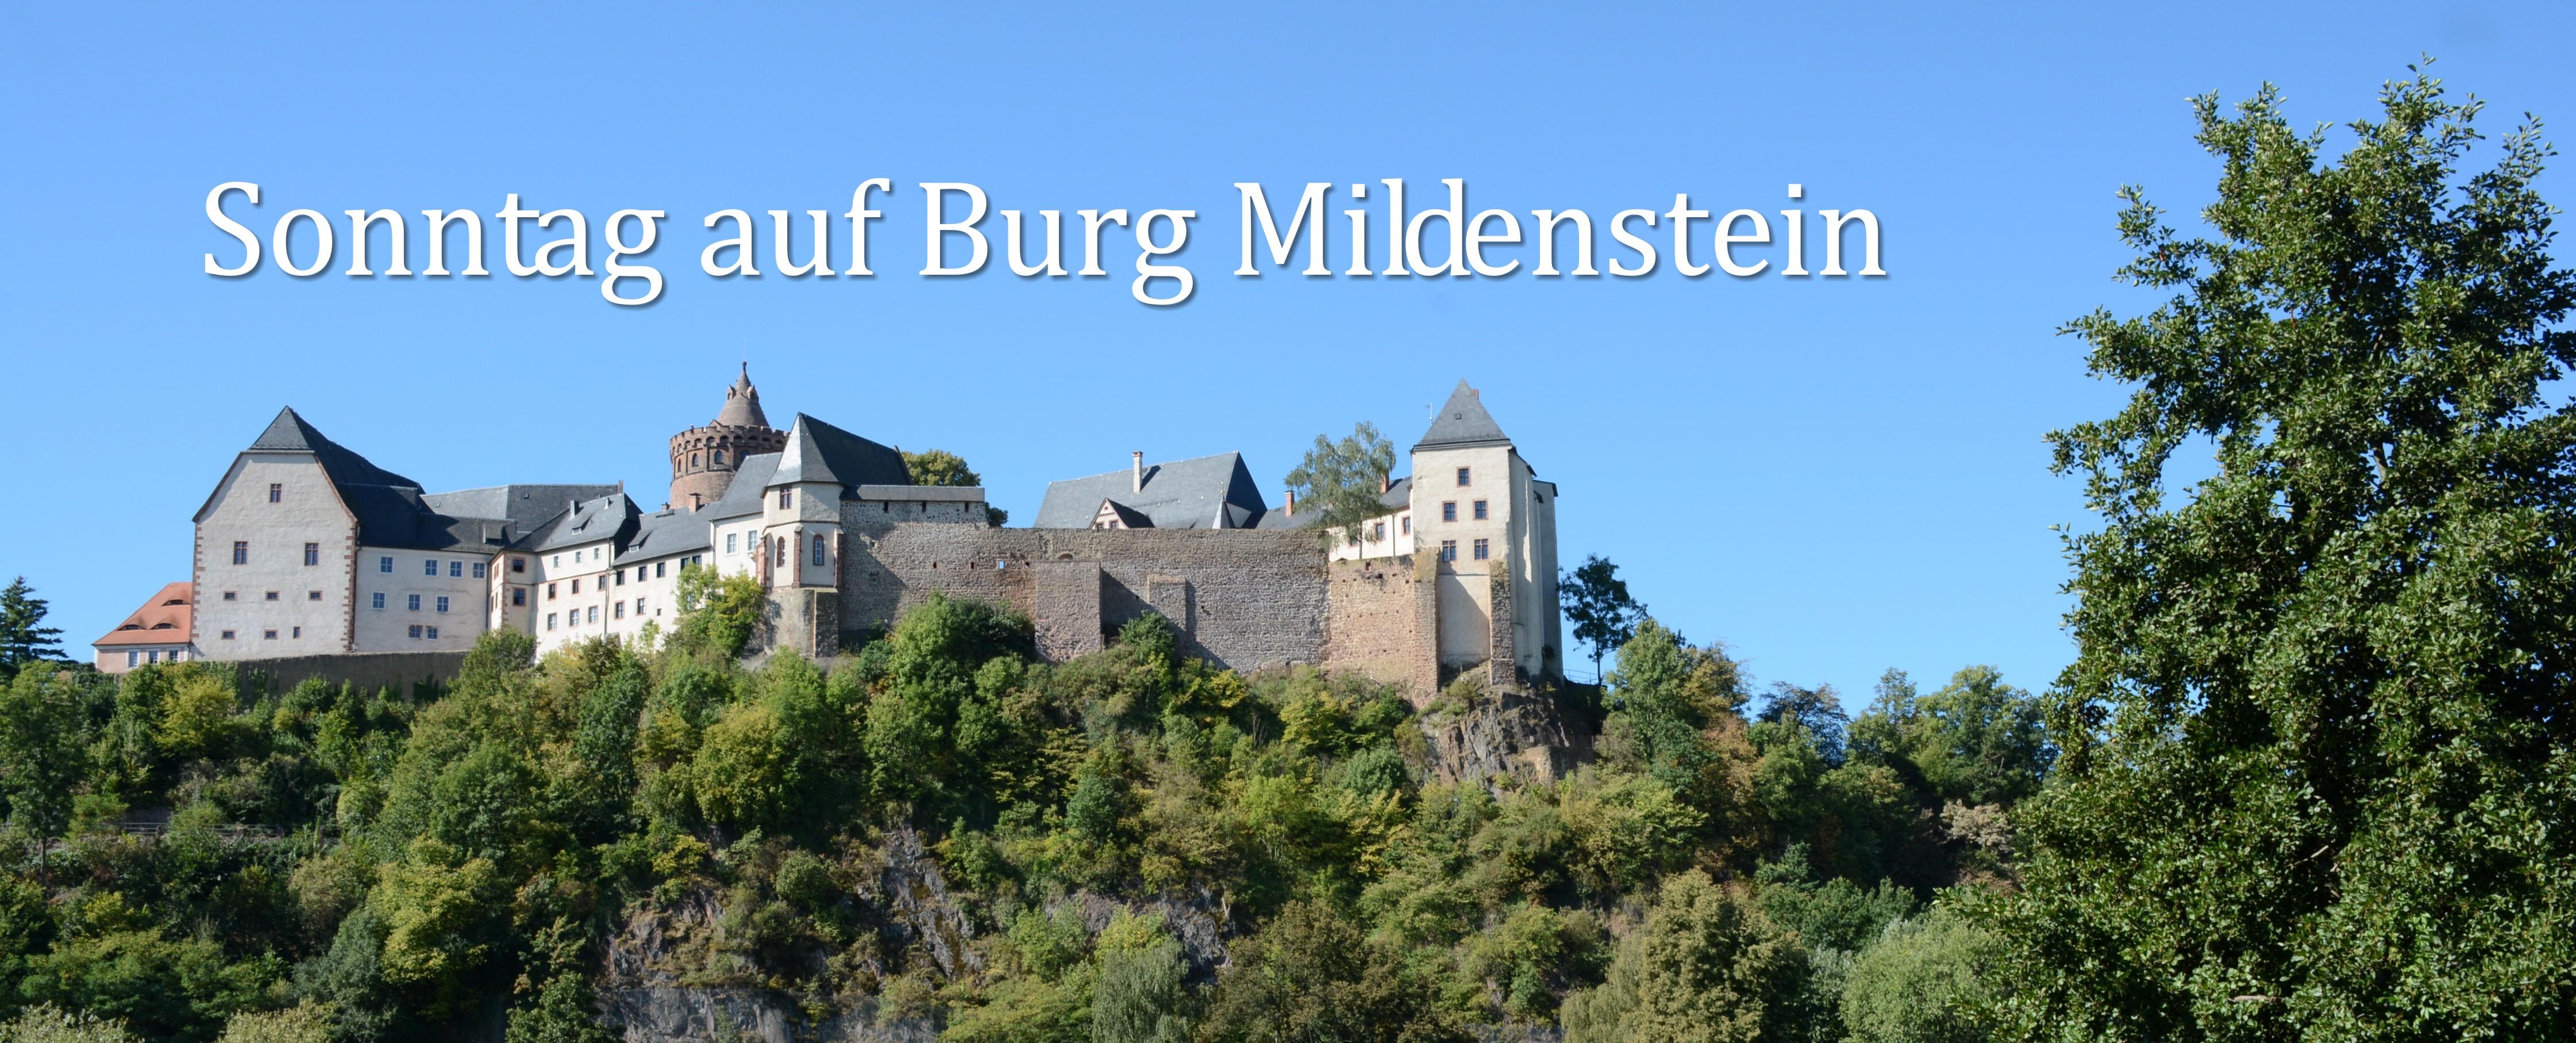 Sonntag auf Burg Mildenstein